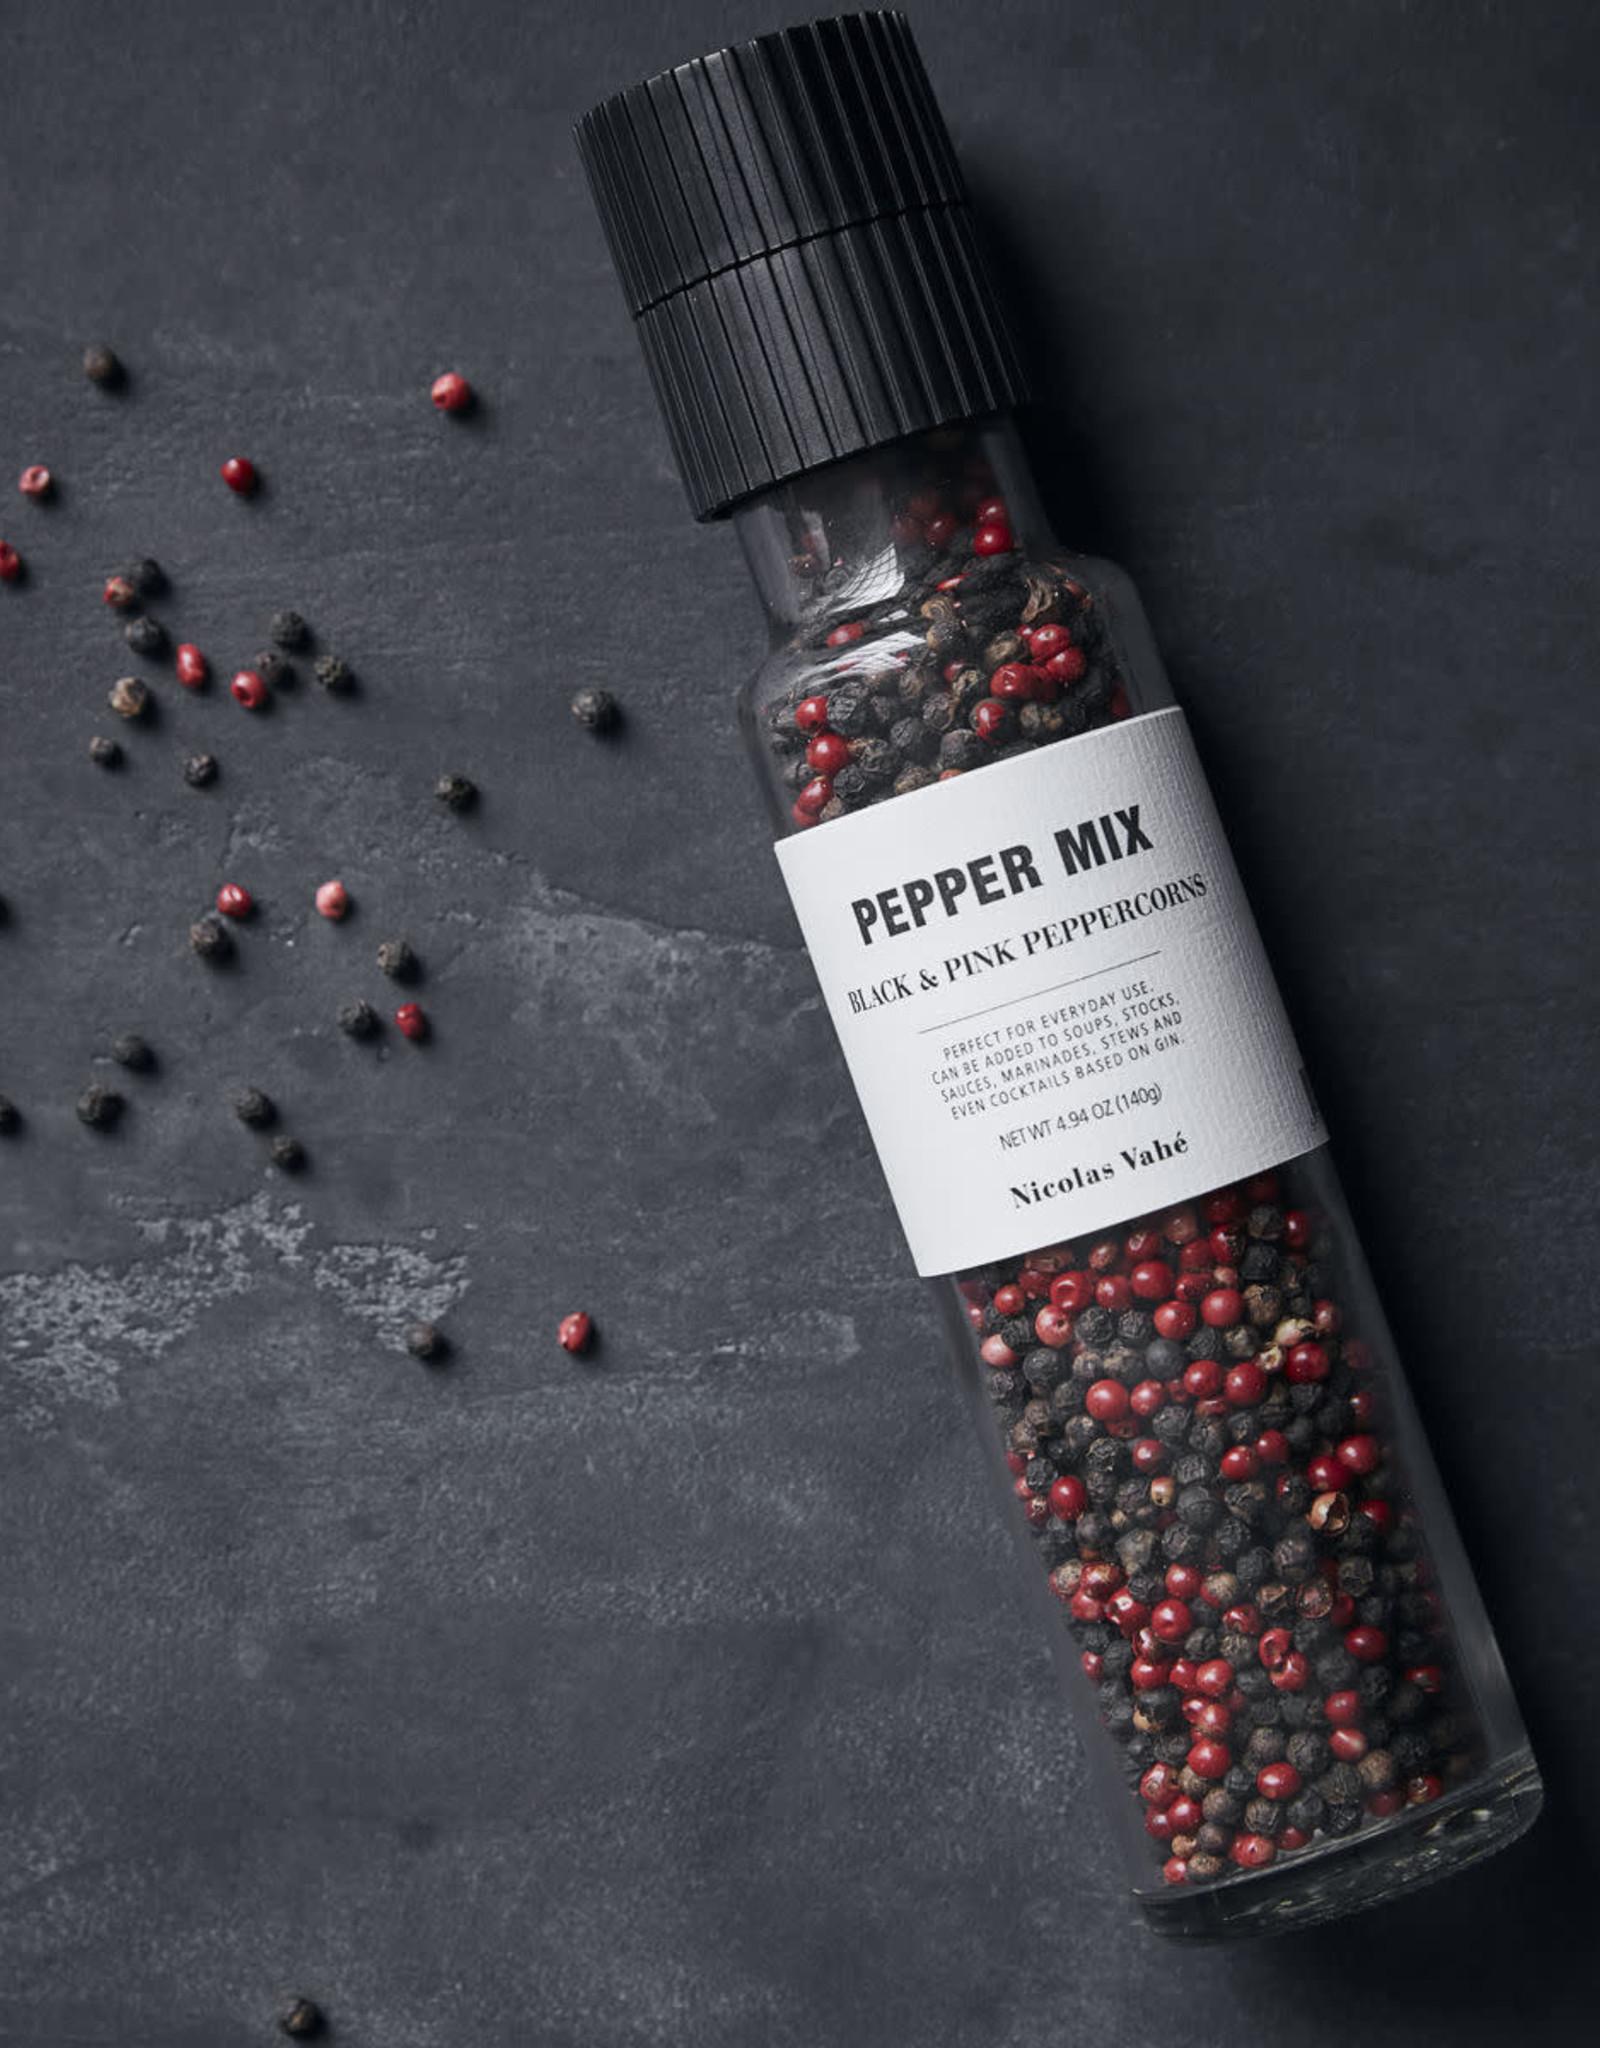 Nicolas Vahé Nicolas Vahé - Pepper Mix